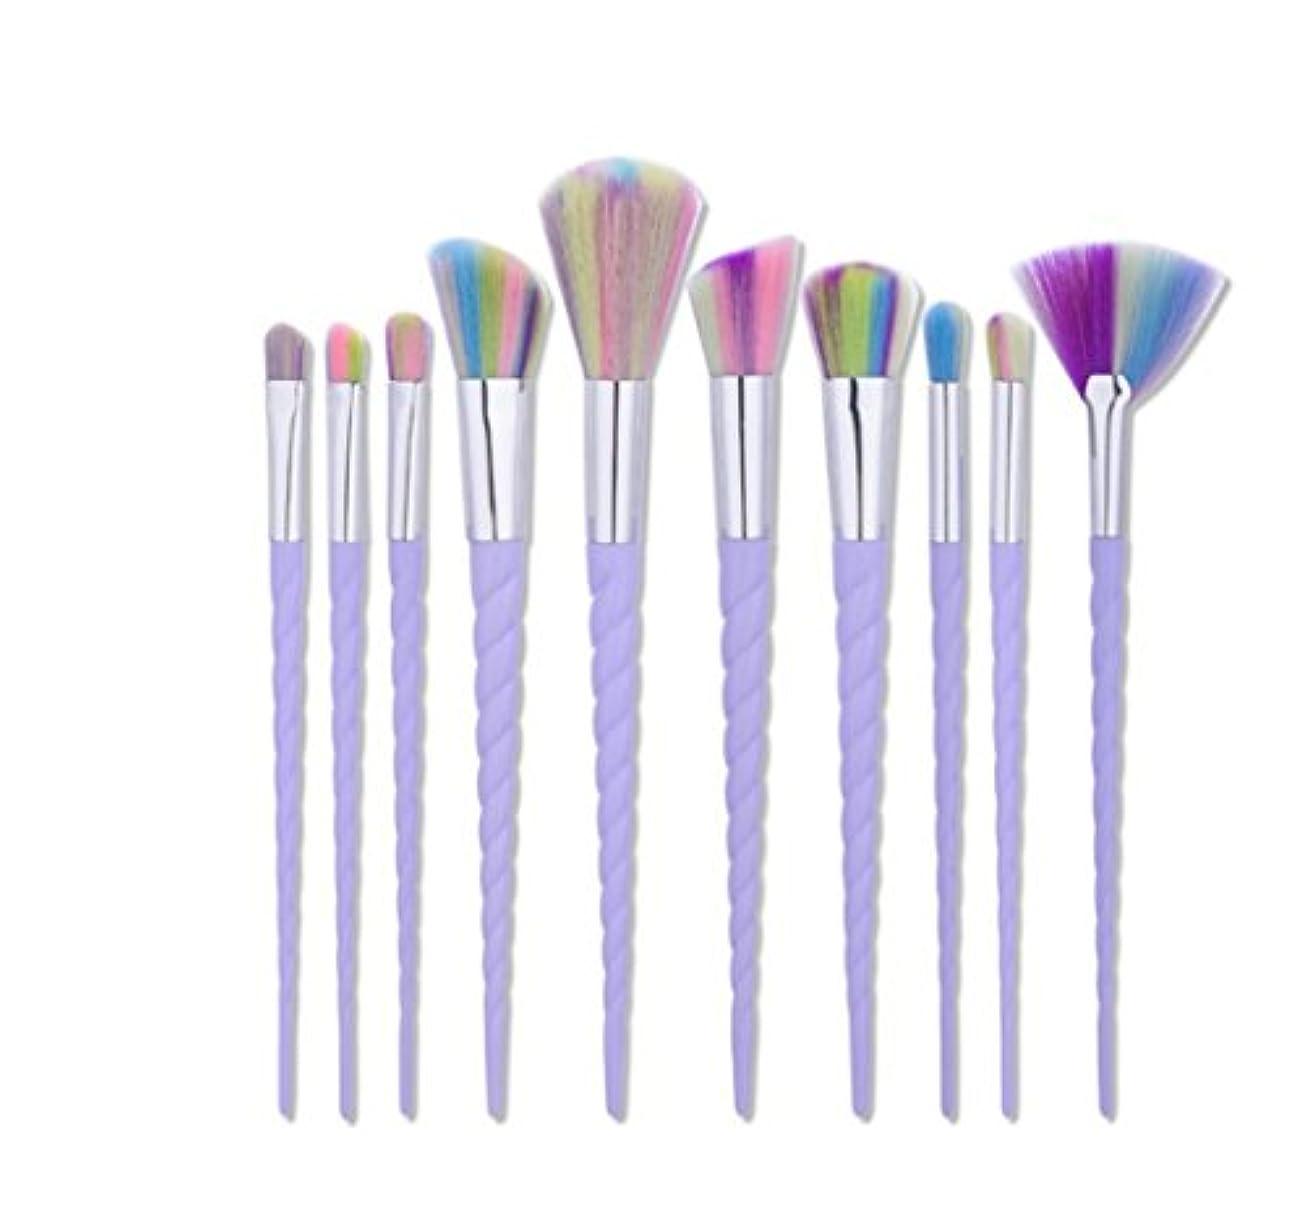 秋値写真Dilla Beauty 10本セットユニコーンデザインプラスチックハンドル形状メイクブラシセット合成毛ファンデーションブラシアイシャドーブラッシャー美容ツール (ホワイト-4)